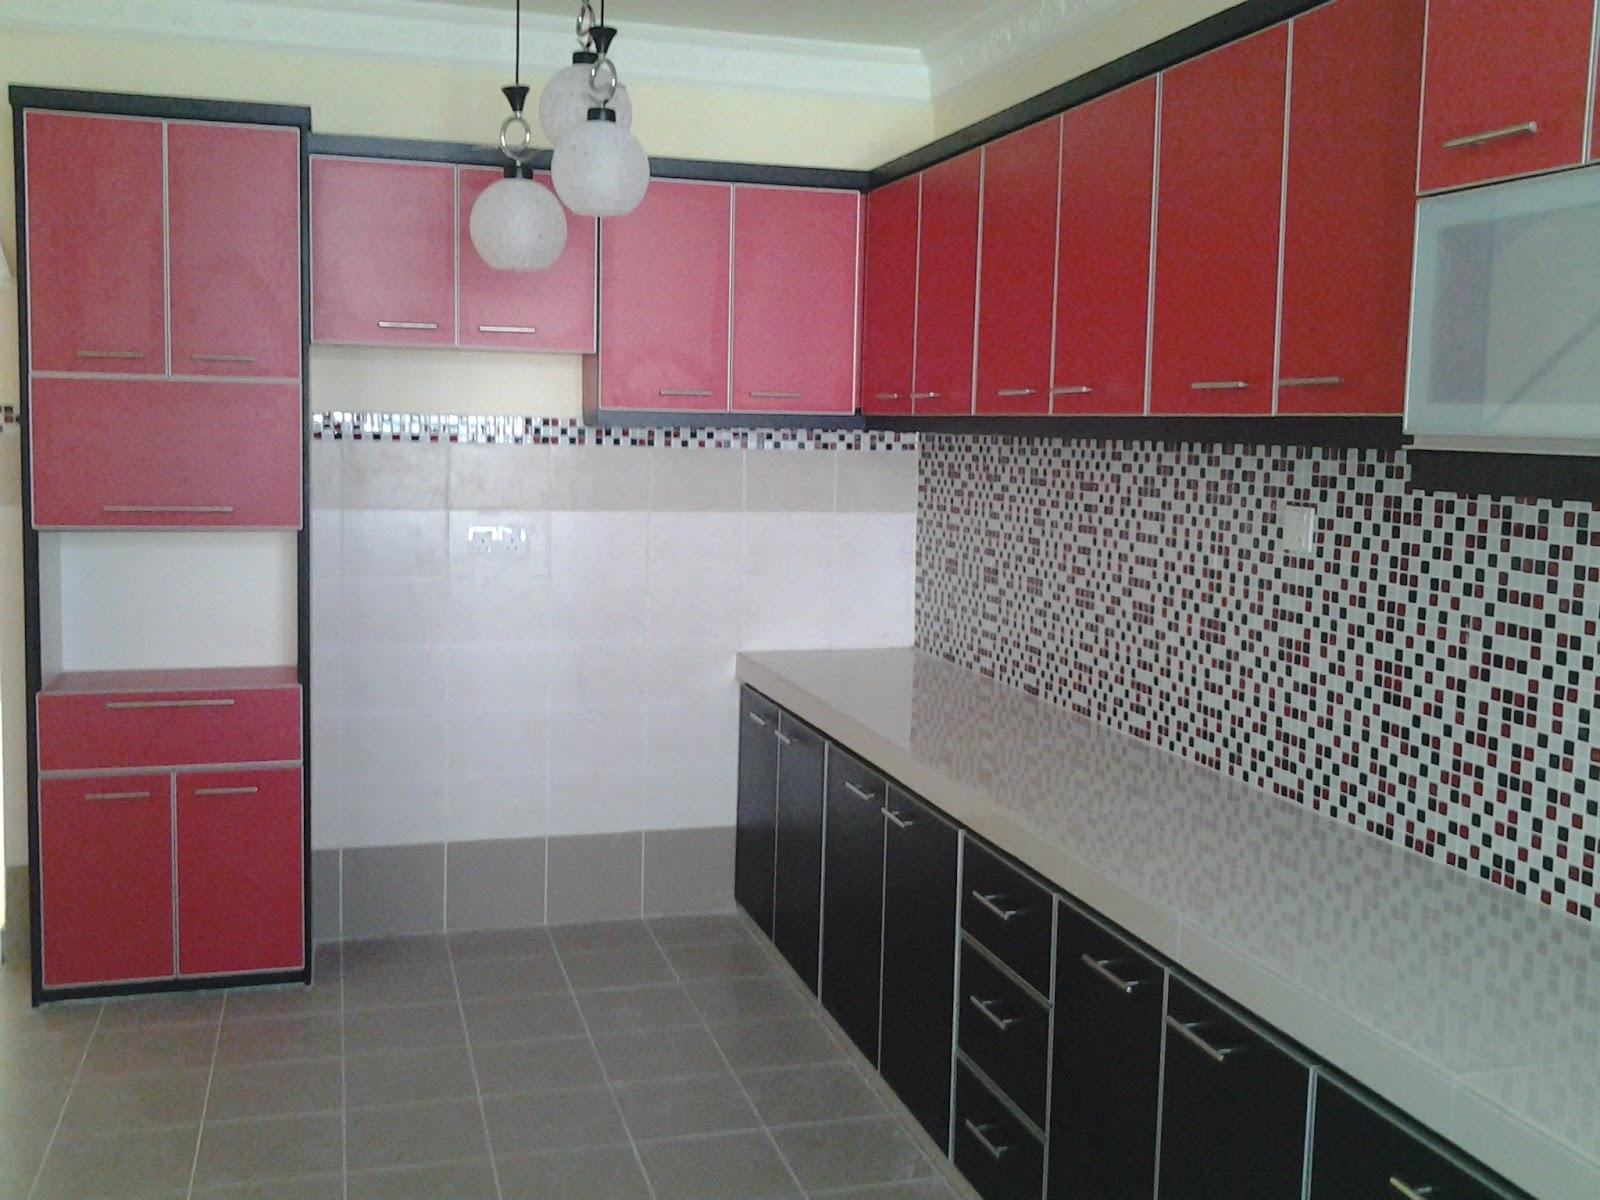 Ukuran Lebar Panjang Tinggi Perkakas Dapur Adalah Agak Standard Seperti Peti Sejuk Dan Sinki